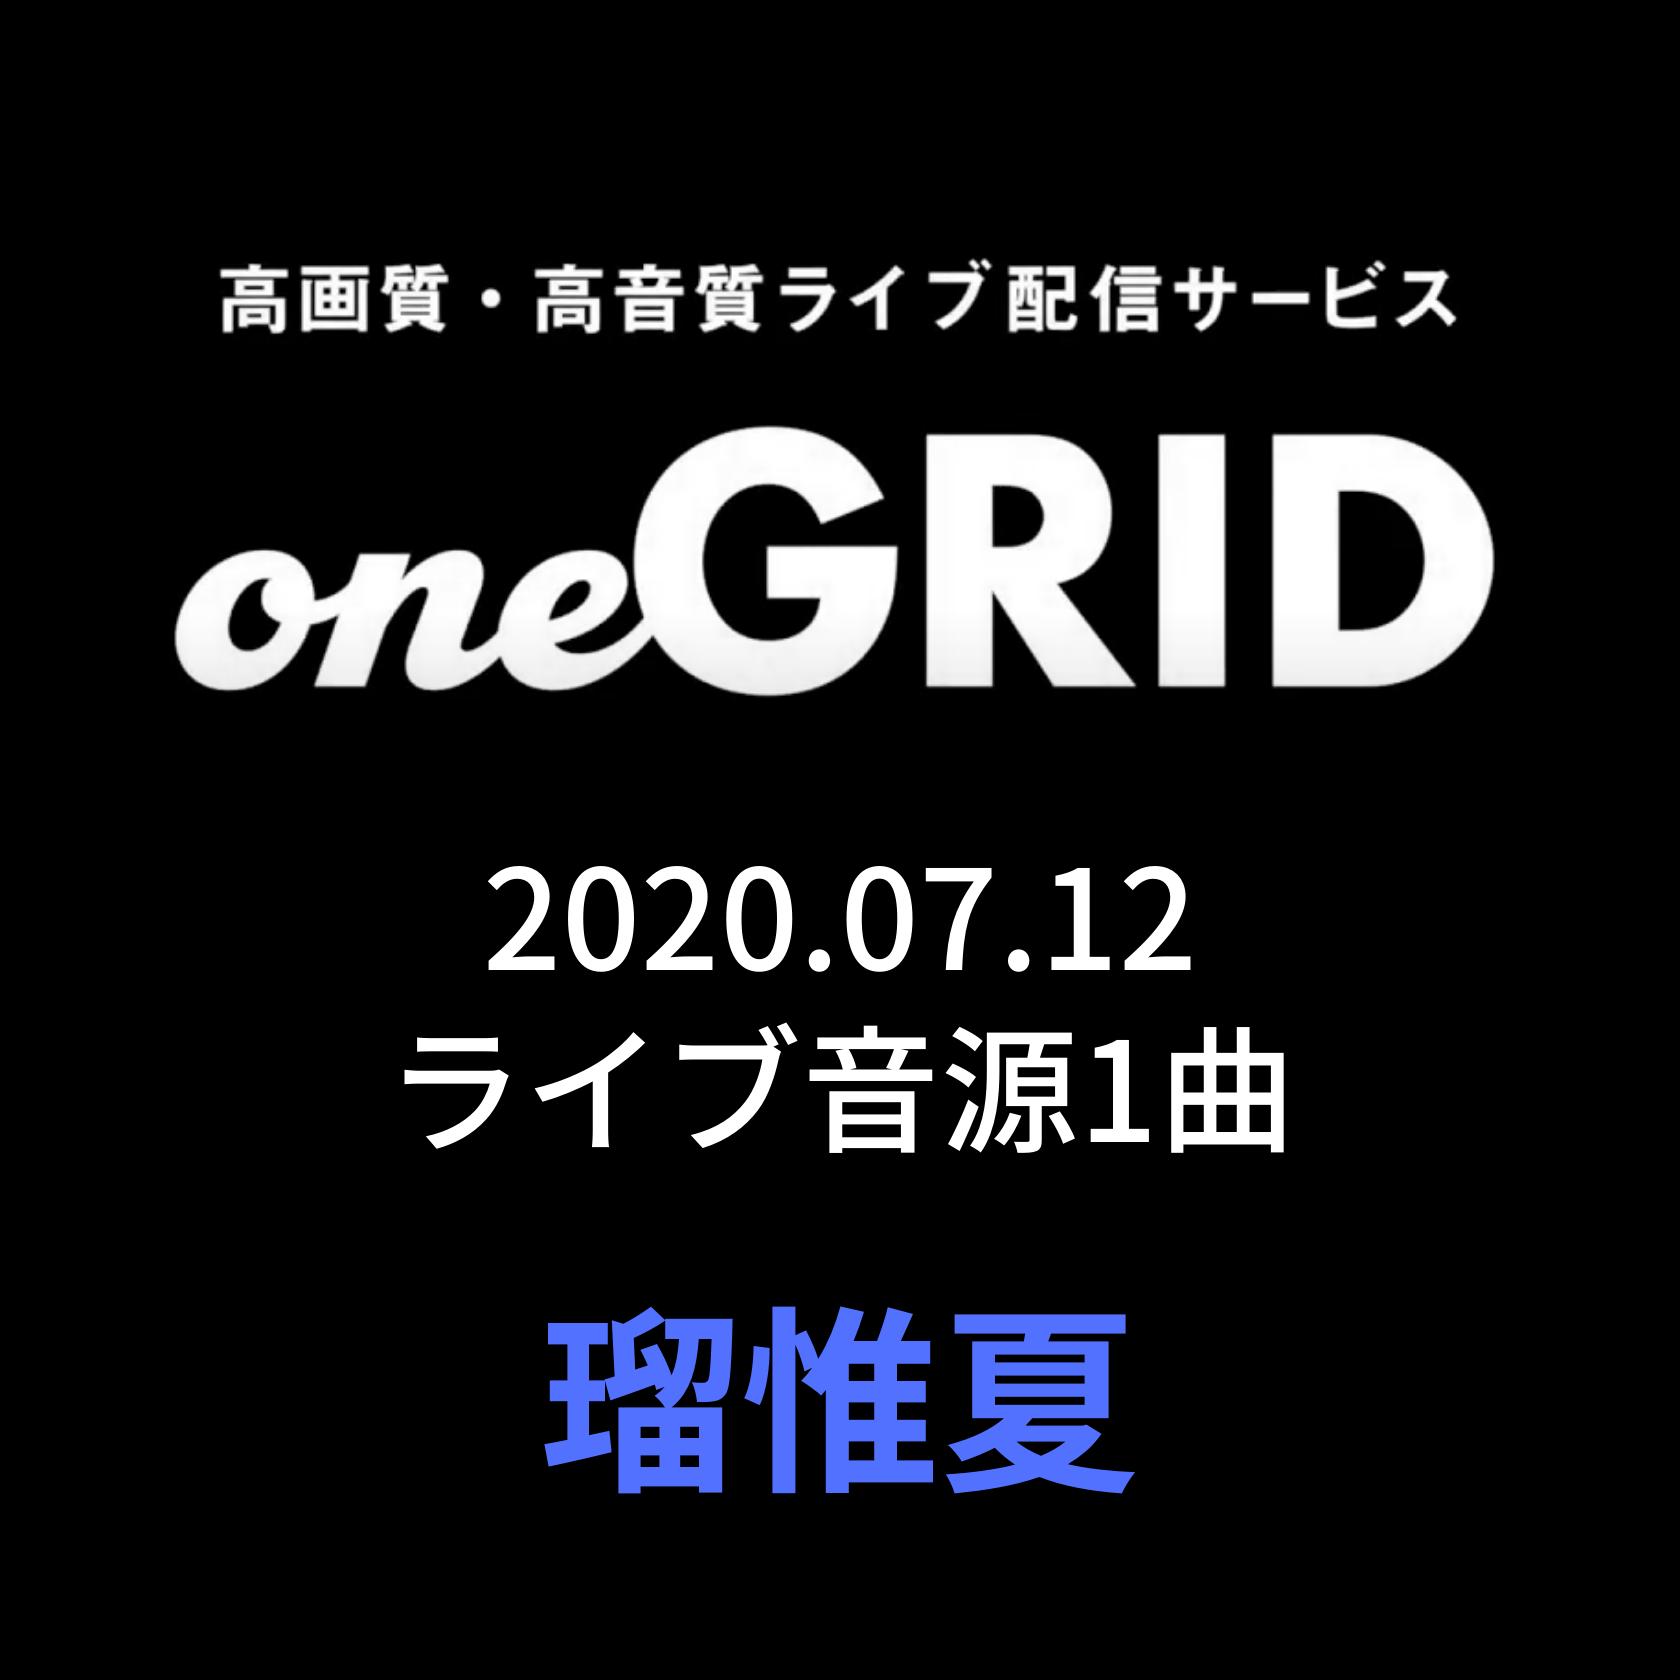 7/12 瑠惟夏 Live音源